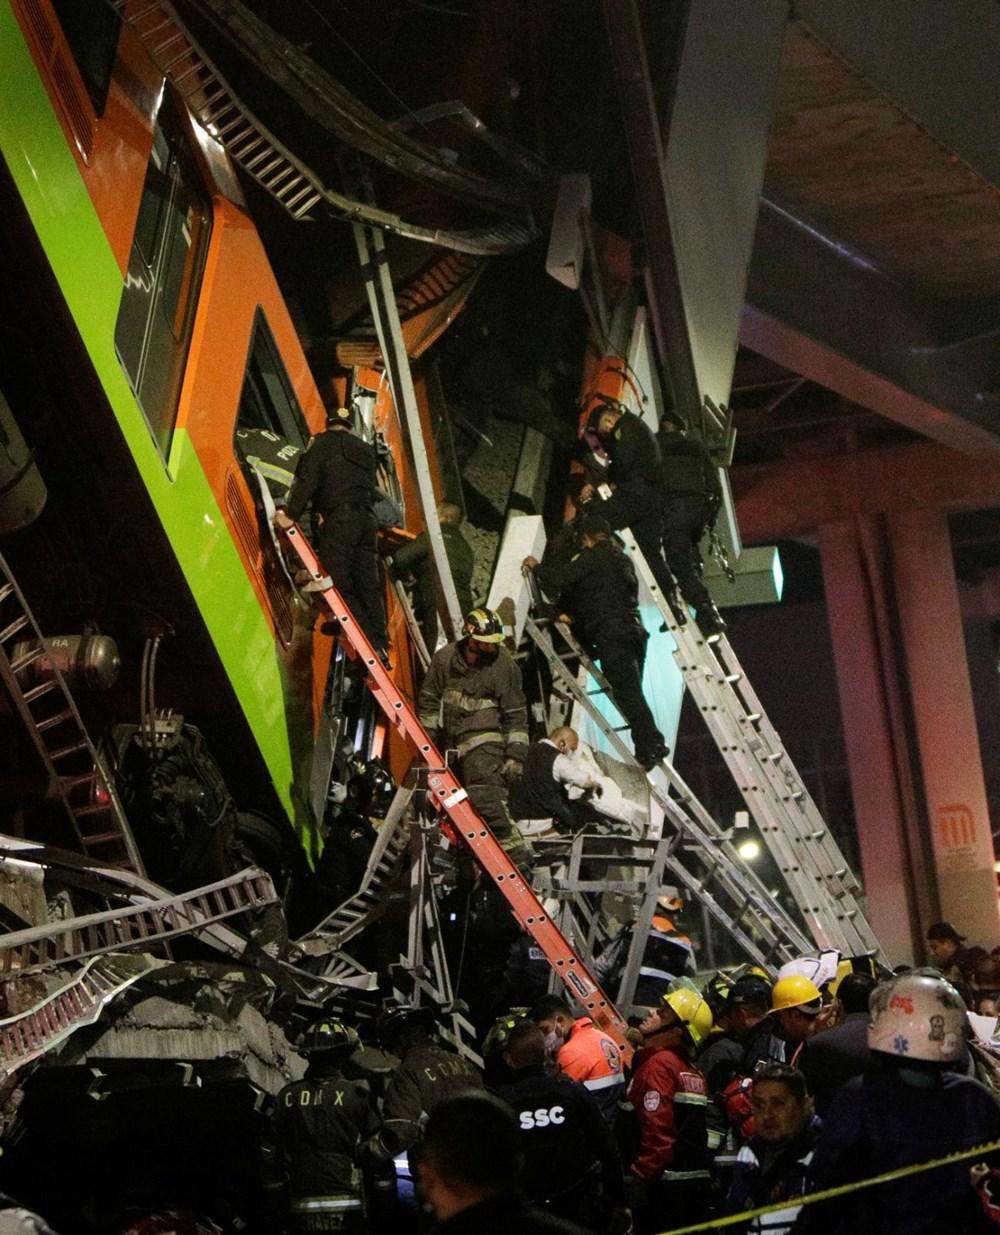 Meksika'da tren raylarını taşıyan üst geçit çöktü: 15 kişi öldü, 70 kişi yaralandı - 7